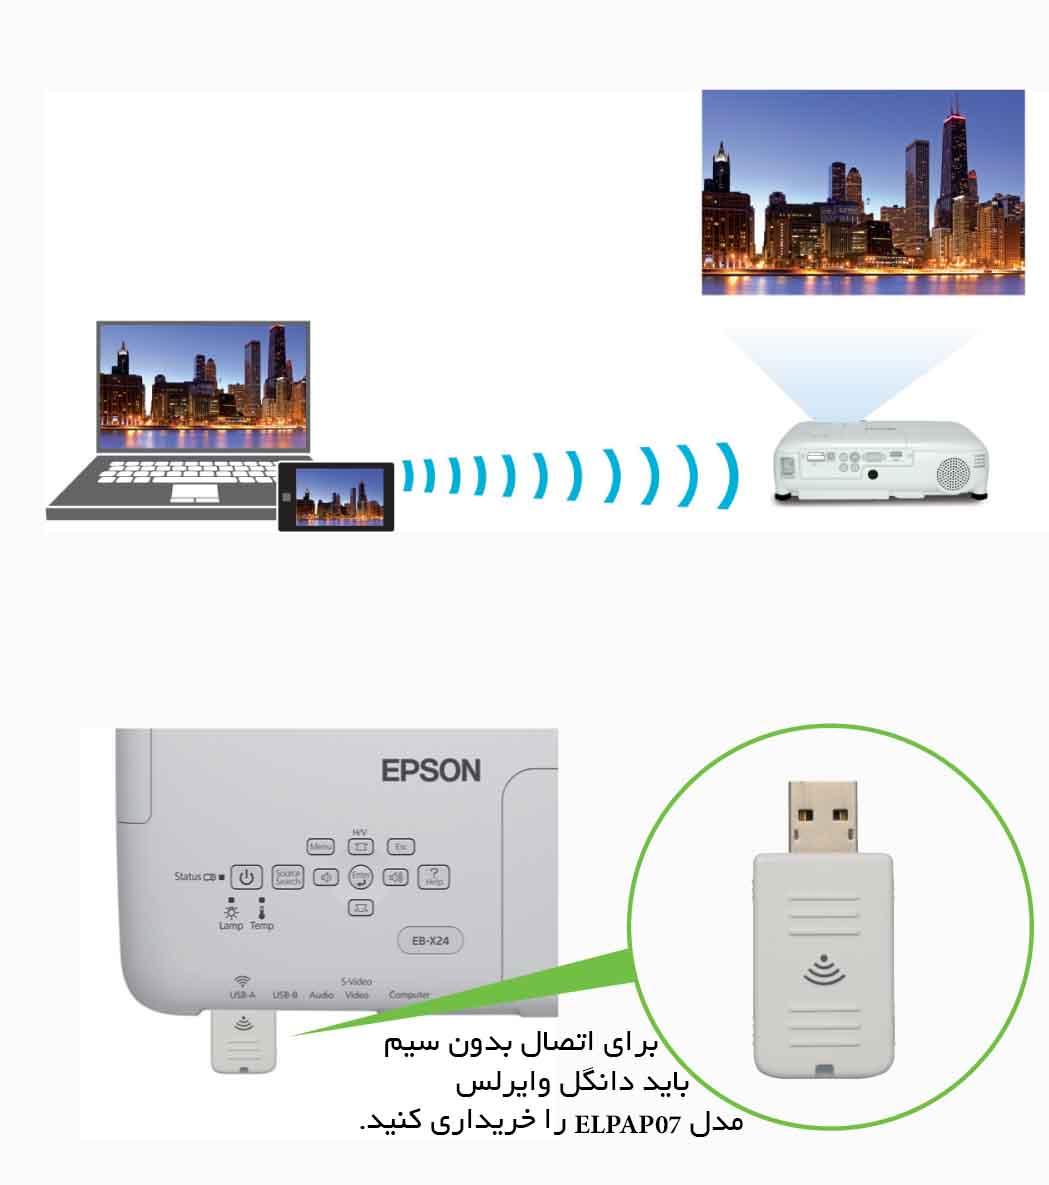 قابلیت اتصال بدون سیم در پروژکتور EB-S18